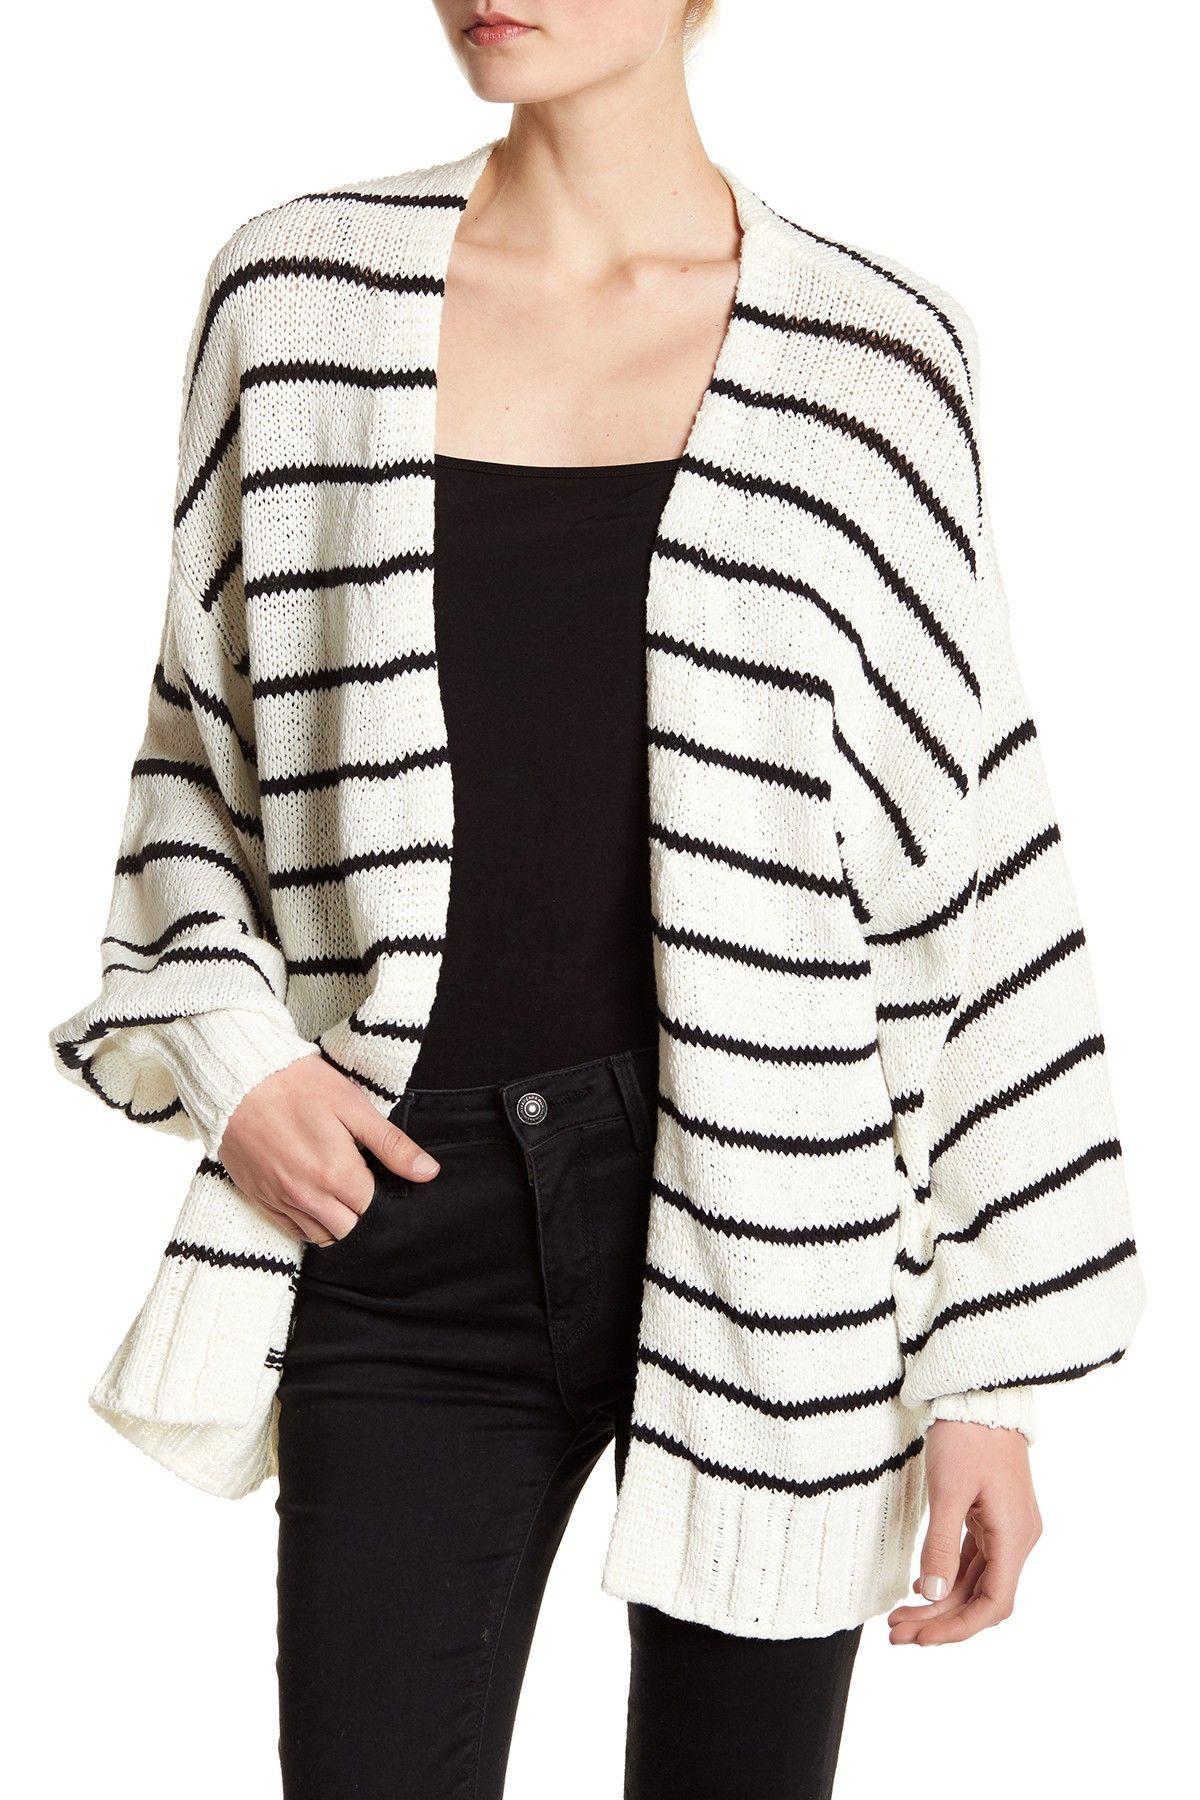 14th & Union   Puddle Sleeve Cardigan (Petite Sizing Available ...